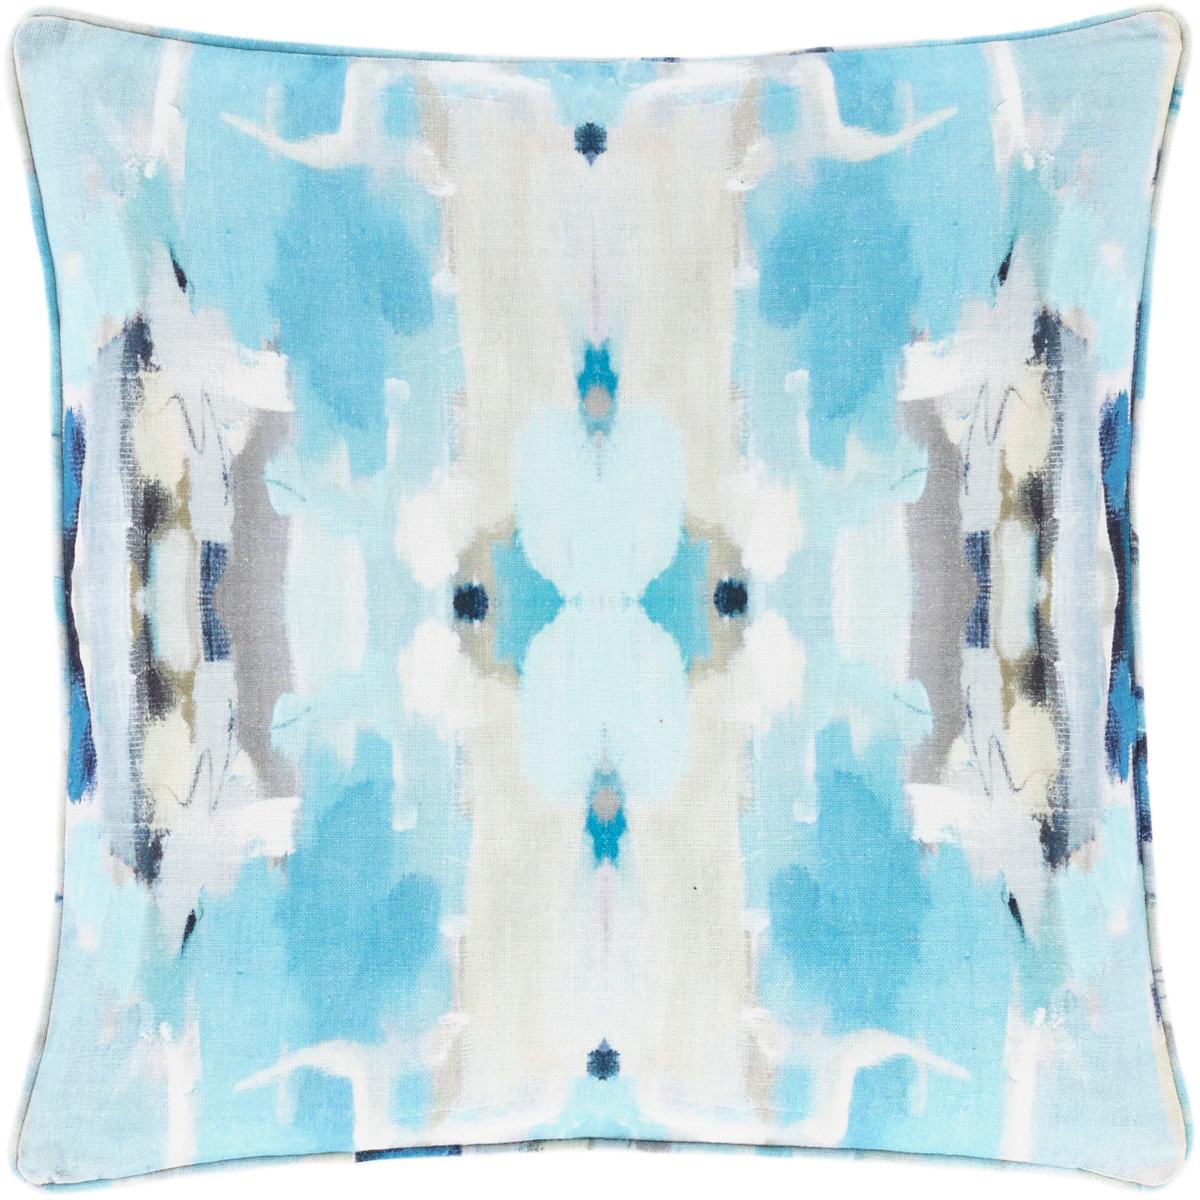 Winton Linen Decorative Pillow